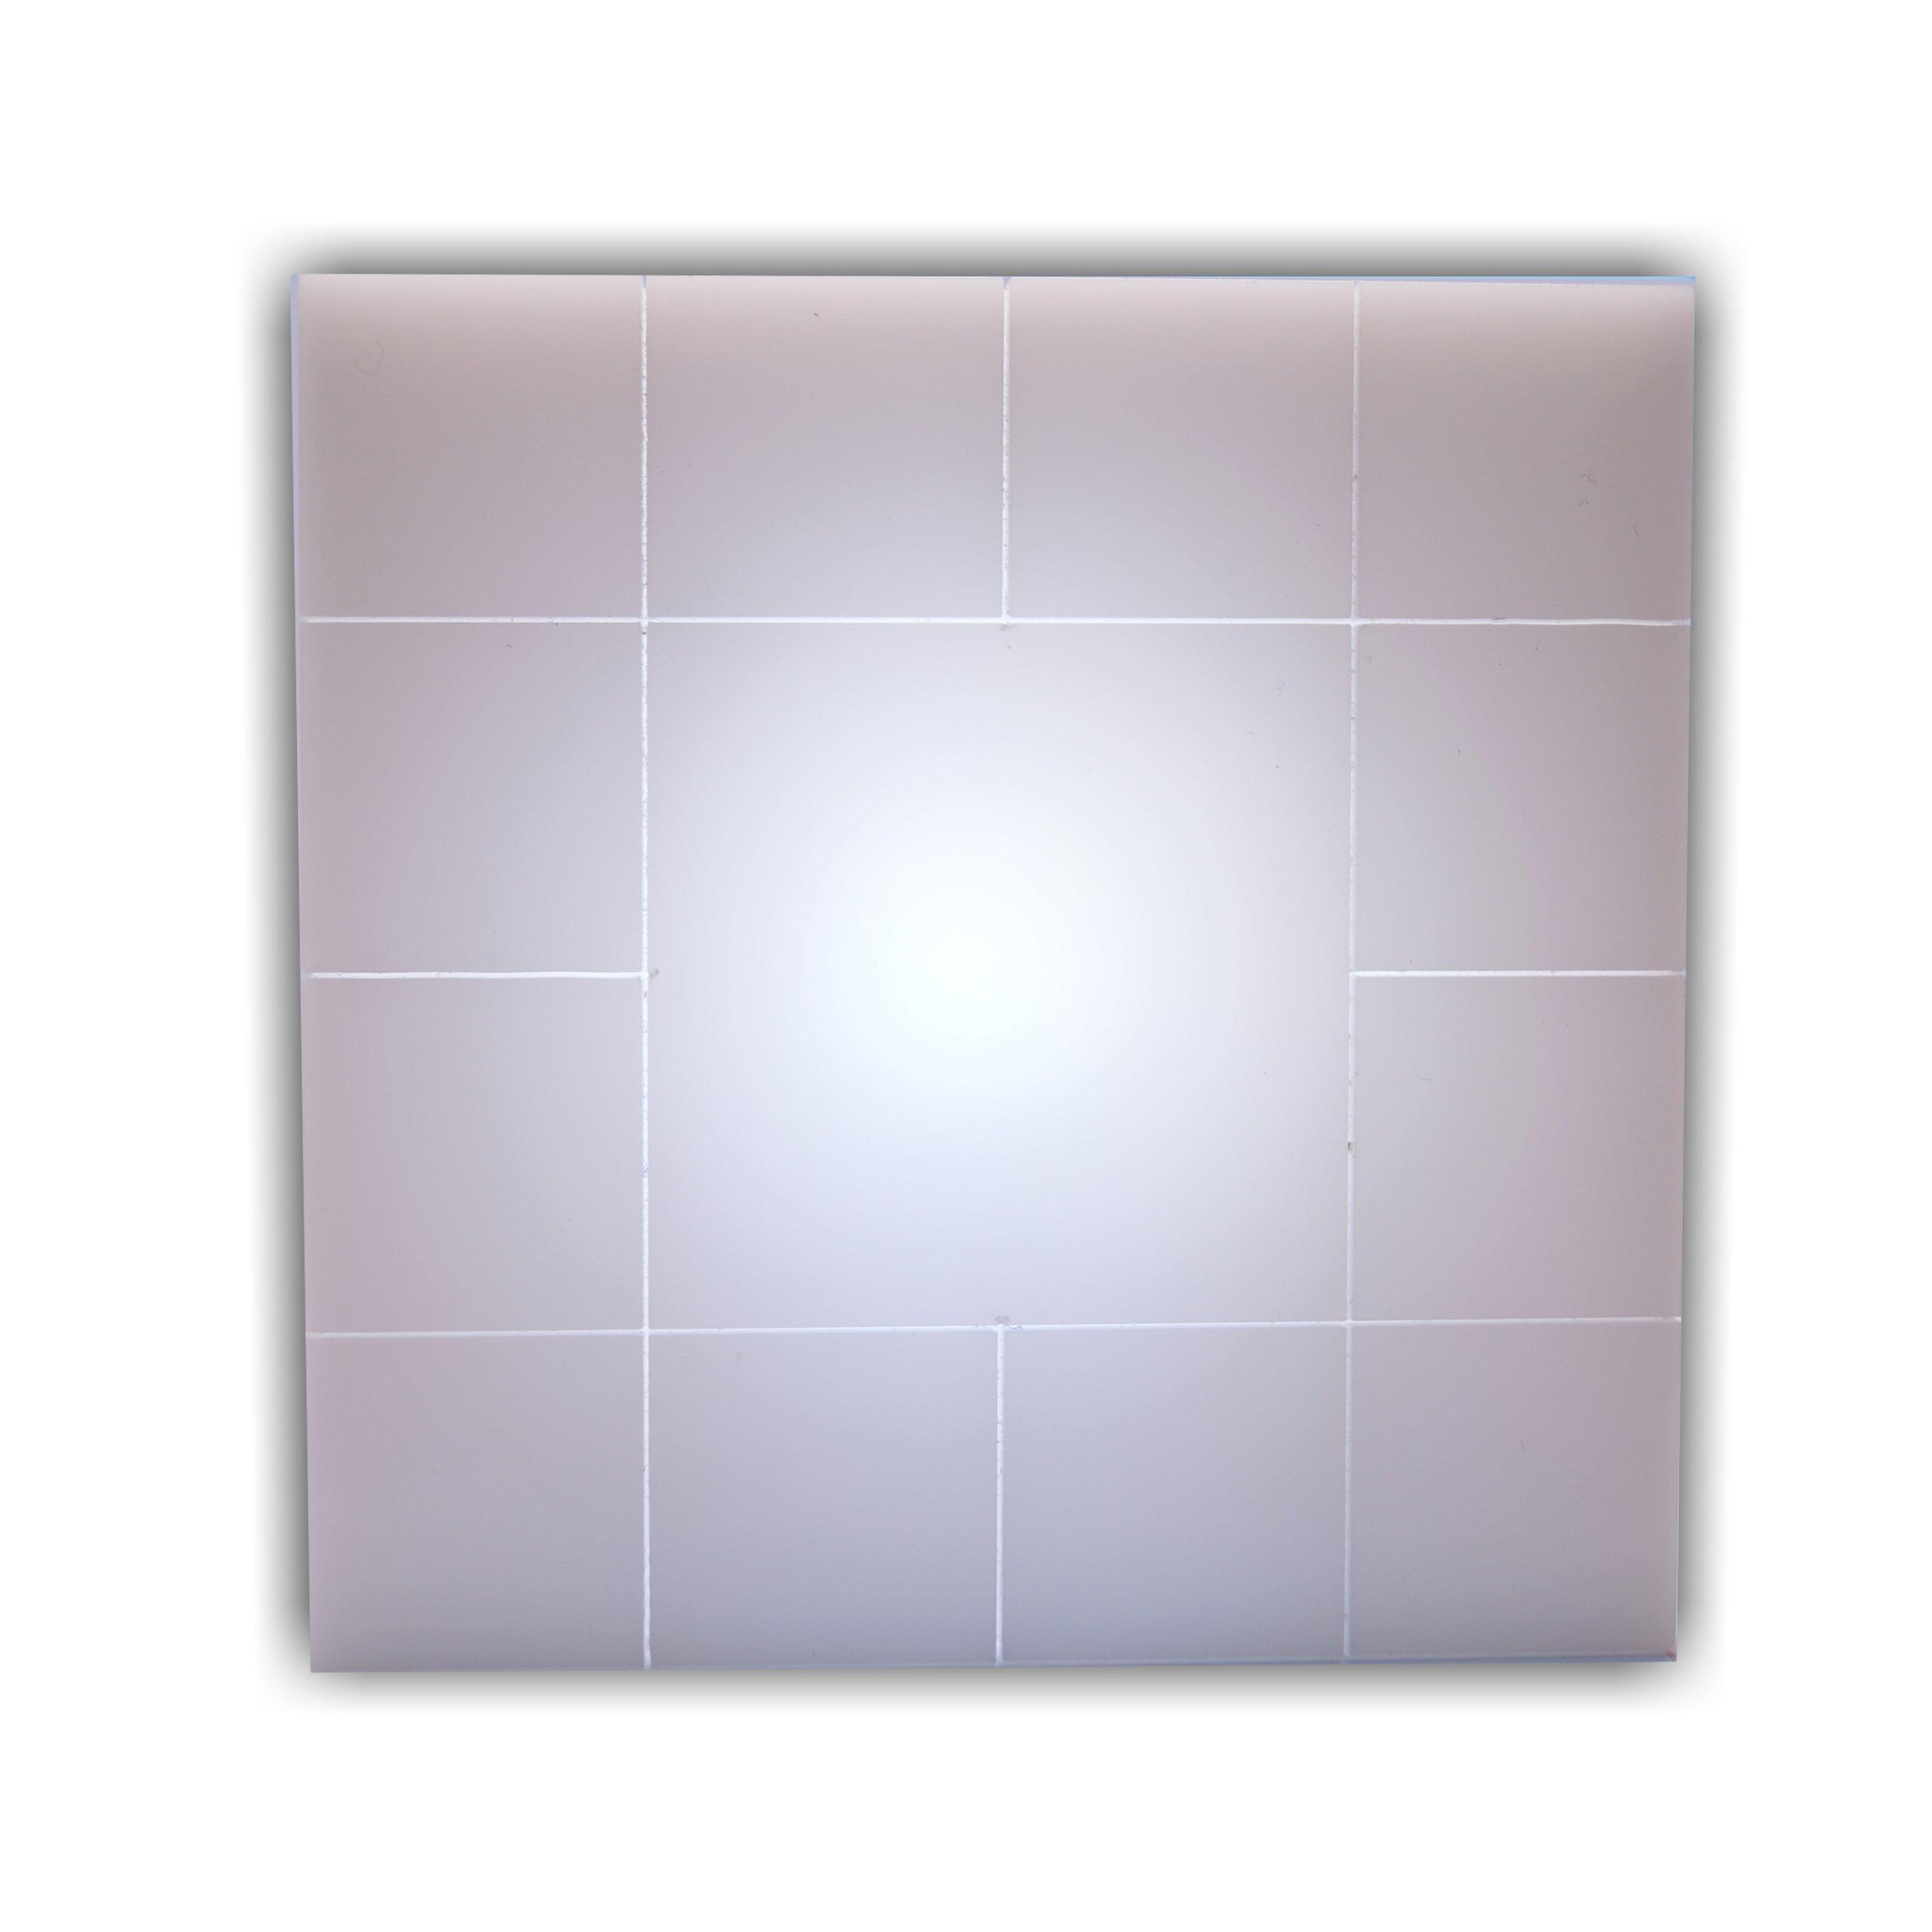 Oświetlenie Schodowe Led 12v 230v Lampa Crystal C2